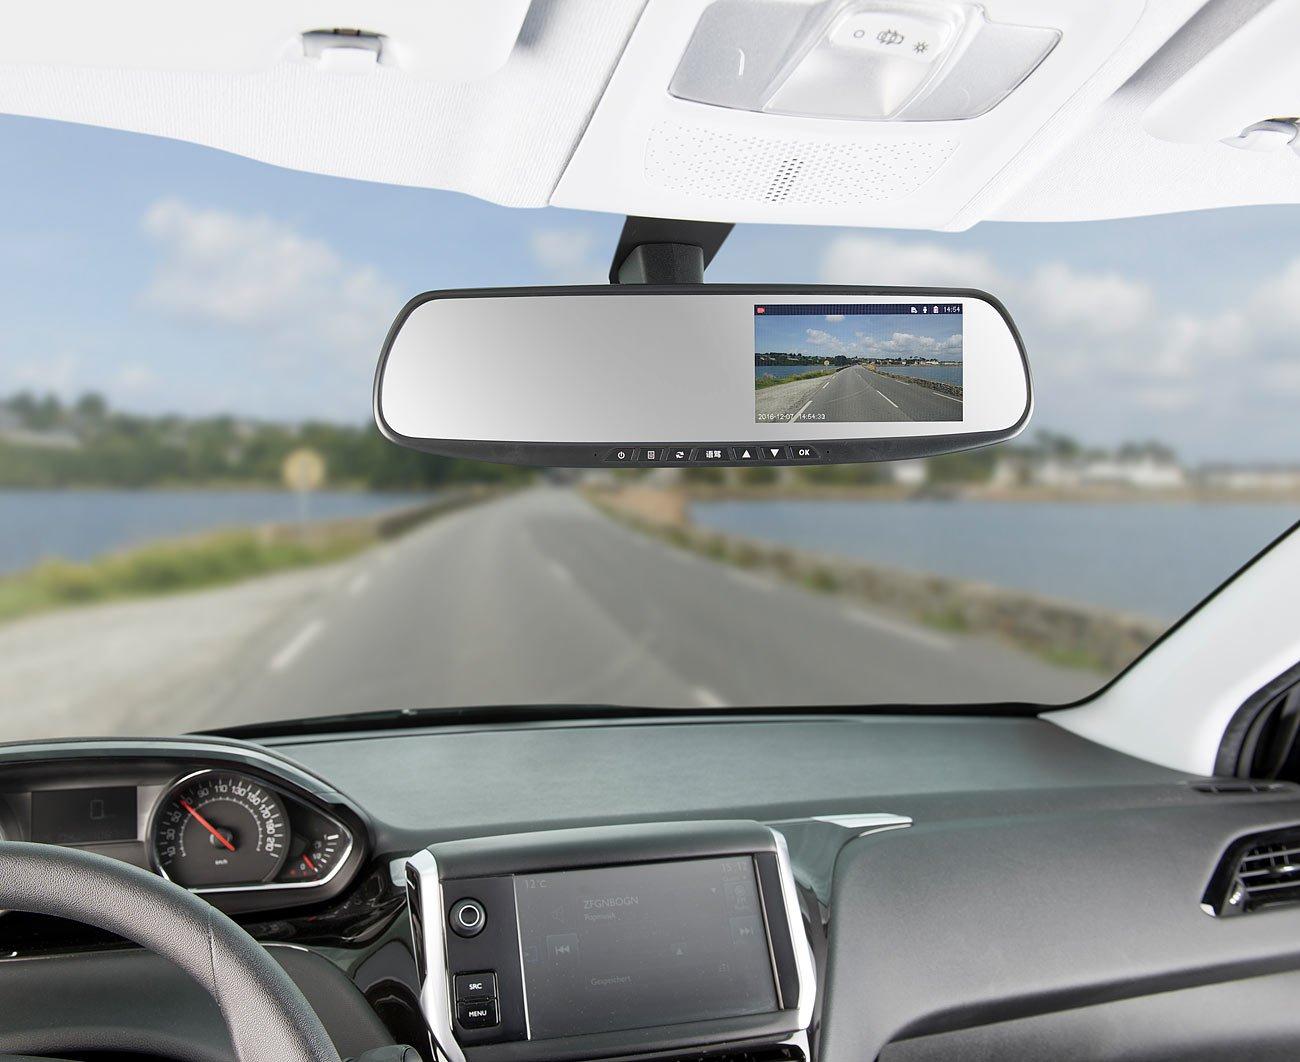 NavGear-Spiegeldashcam-HD-Rckspiegel-Dashcam-mit-G-Sensor-109-cm-Display-43-microSD-Spiegel-Kamera